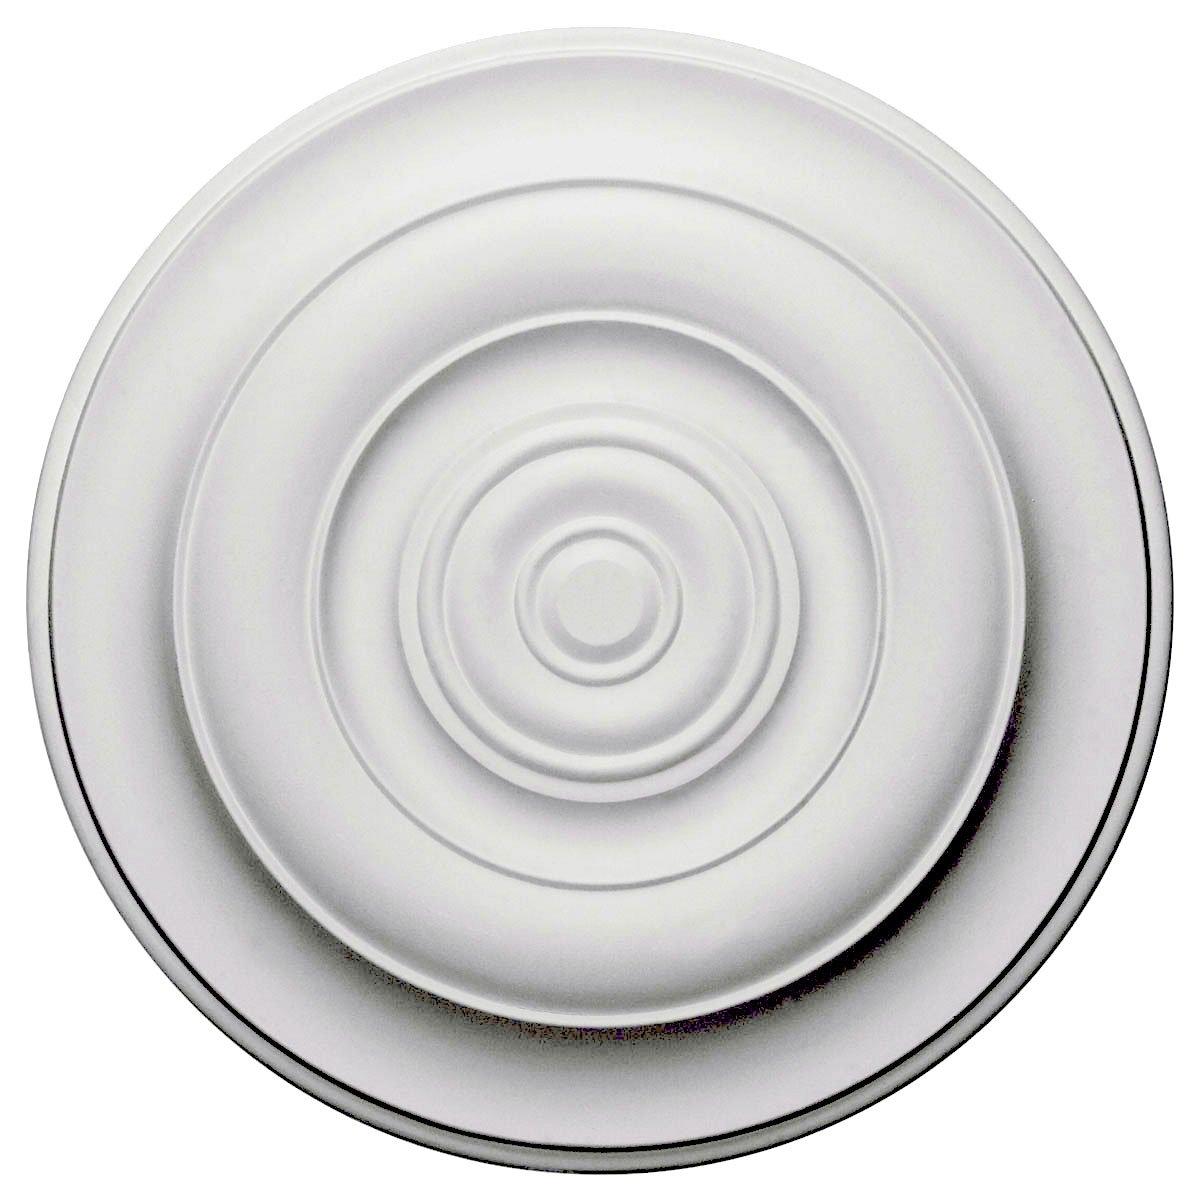 Ekena Millwork CM18NI 18-Inch OD x 2 3/4-Inch ID x 1 1/2-Inch Niobe Ceiling Medallion